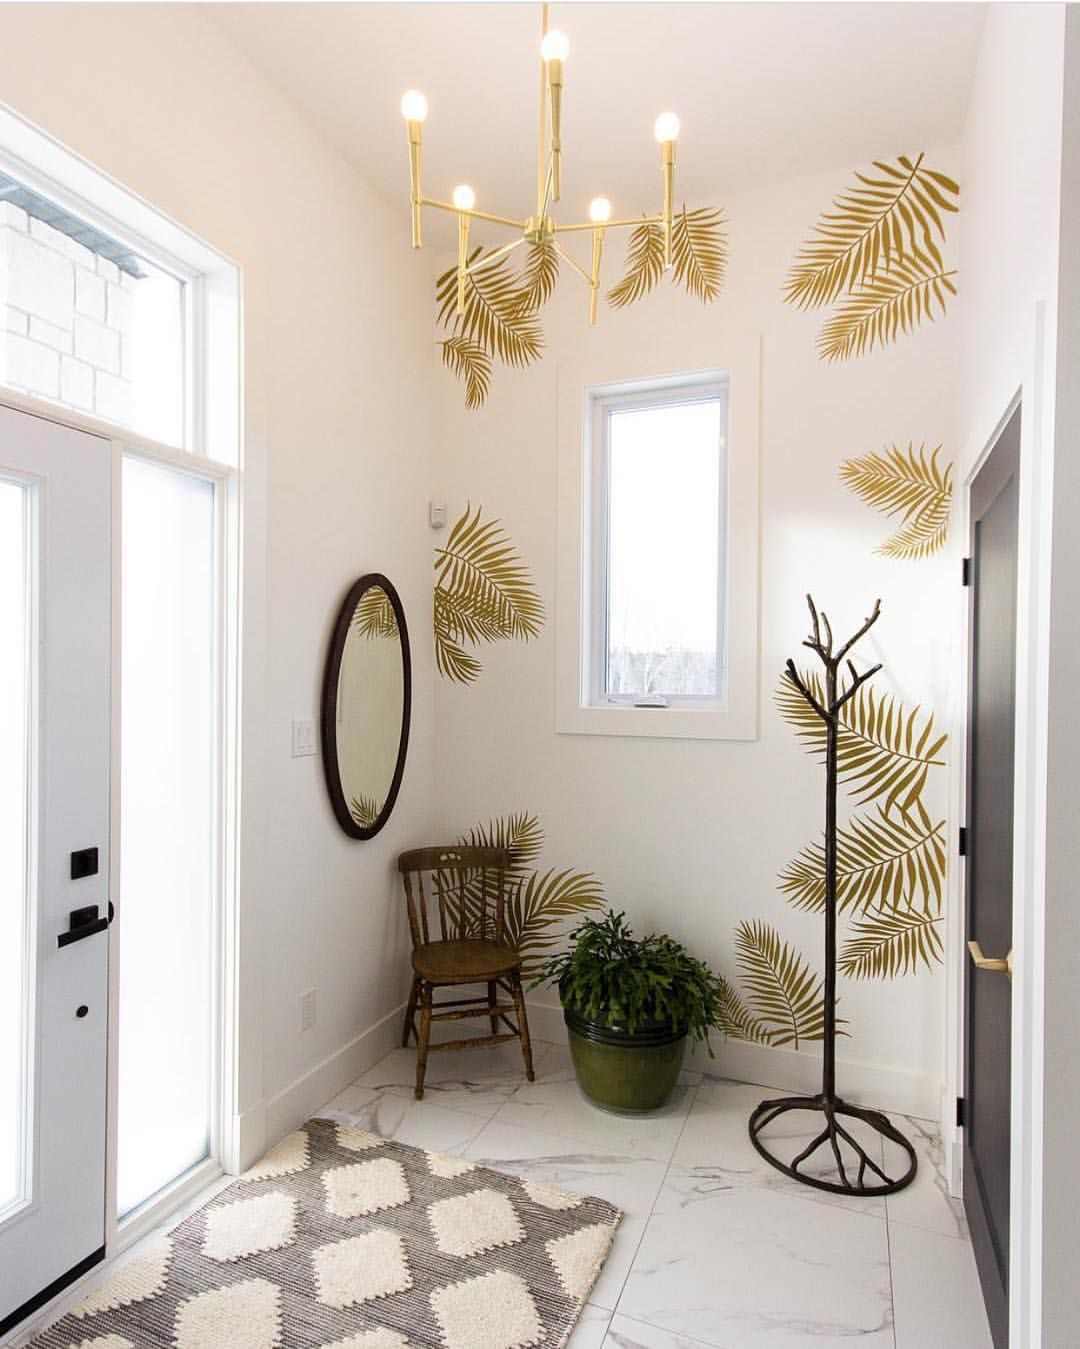 cloison up stil elegant cloison faons de bien cloisonner luespace with cloison up stil cloison. Black Bedroom Furniture Sets. Home Design Ideas